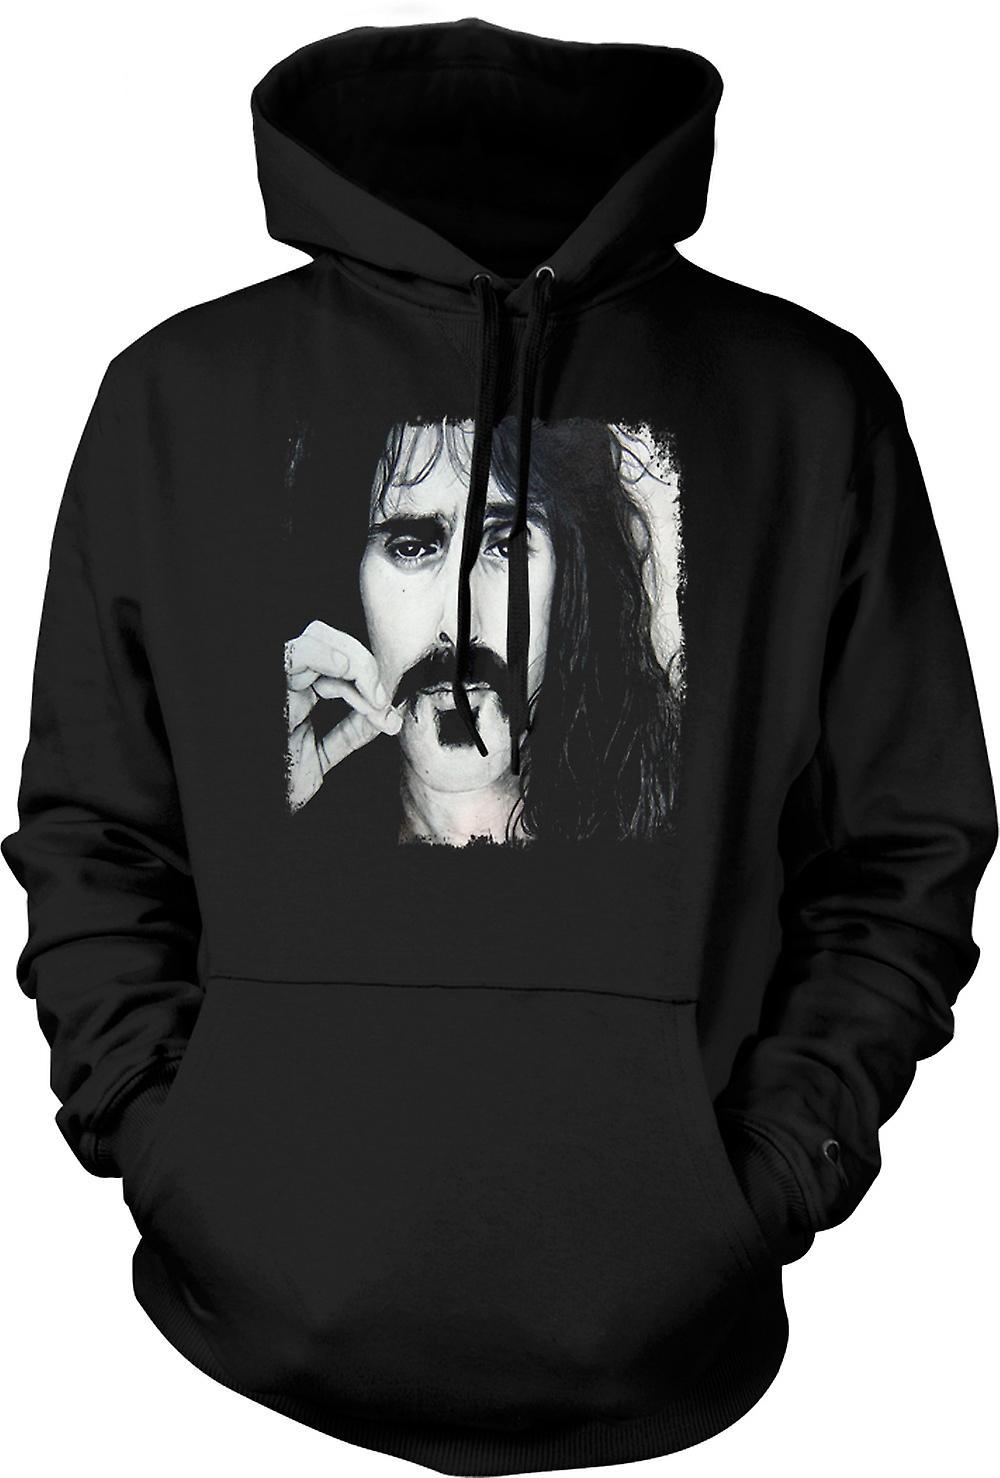 Herren Hoodie - Frank Zappa - Porträt-Skizze